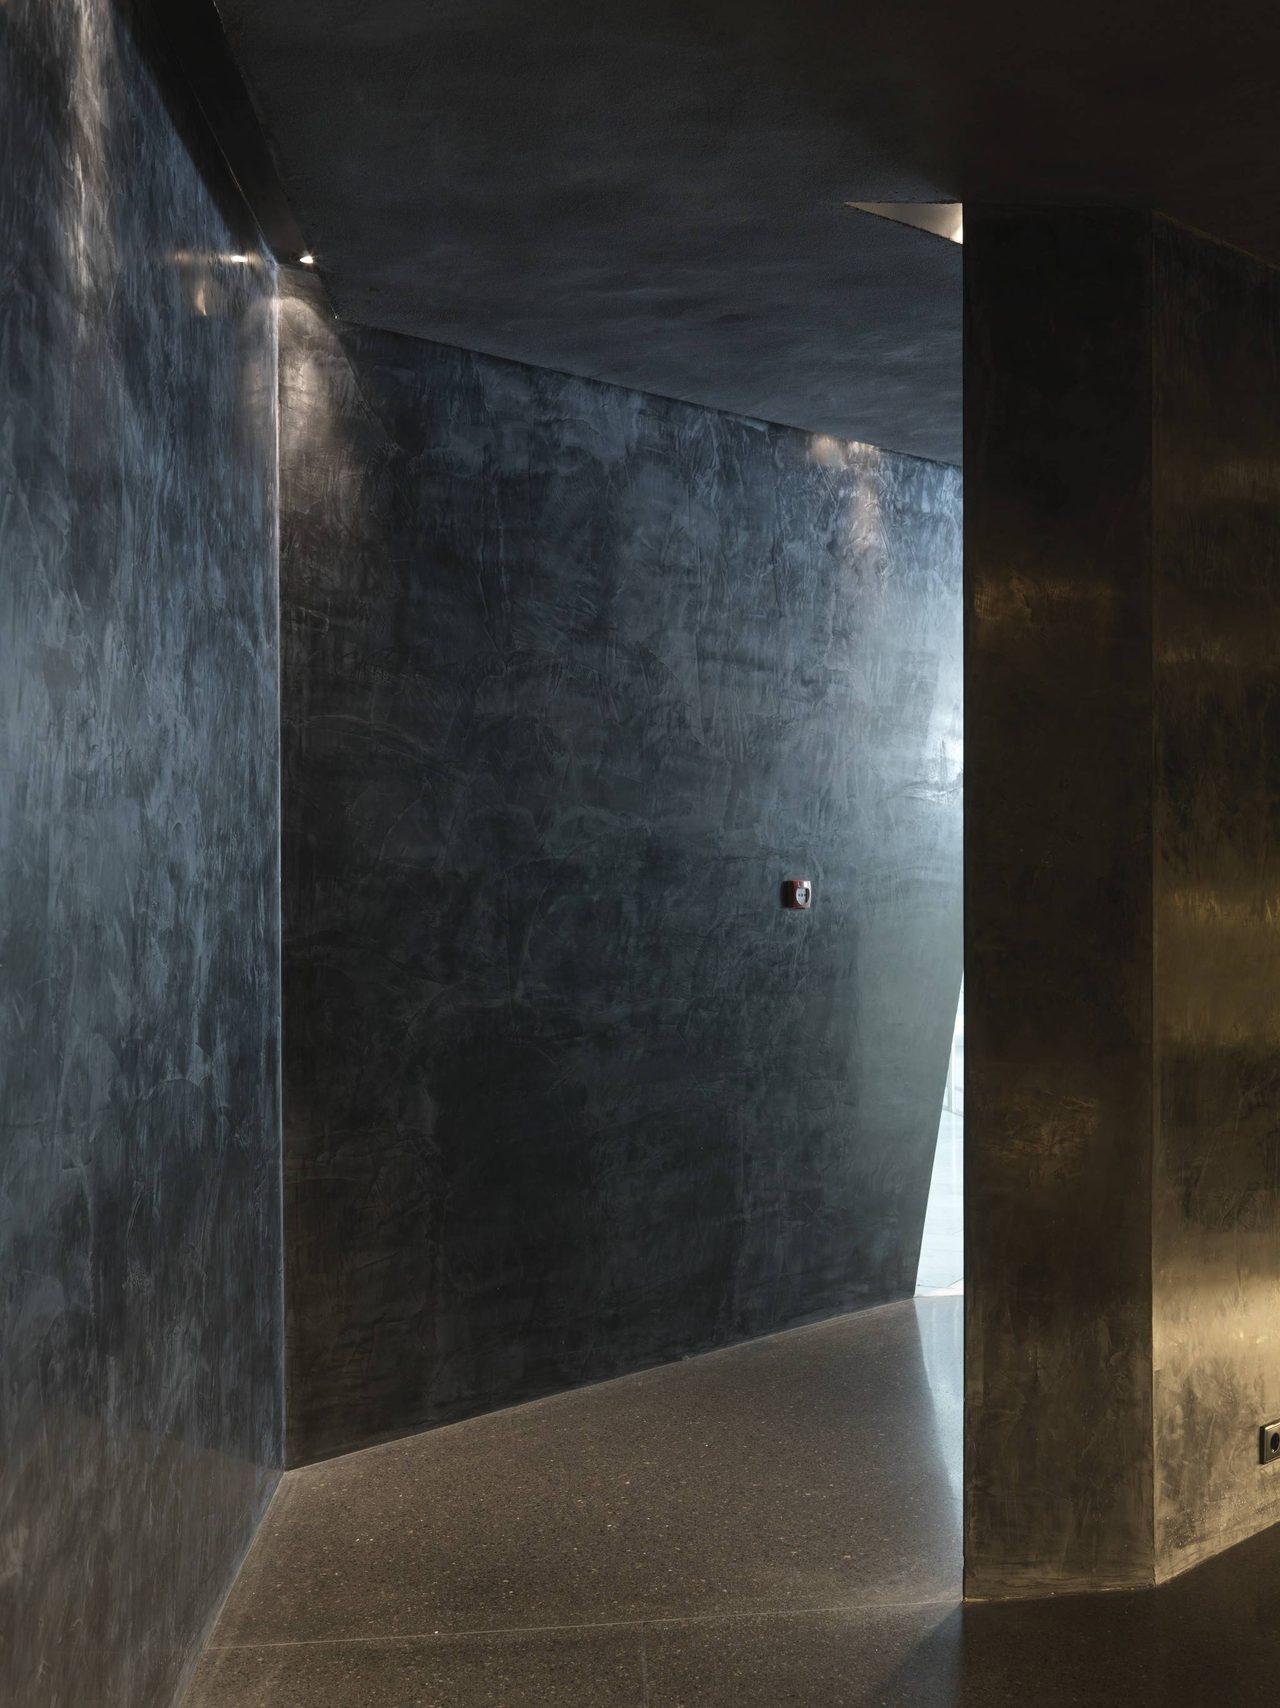 画像: トイレの重くミステリアスな空間©Jiri Havran snohetta.com